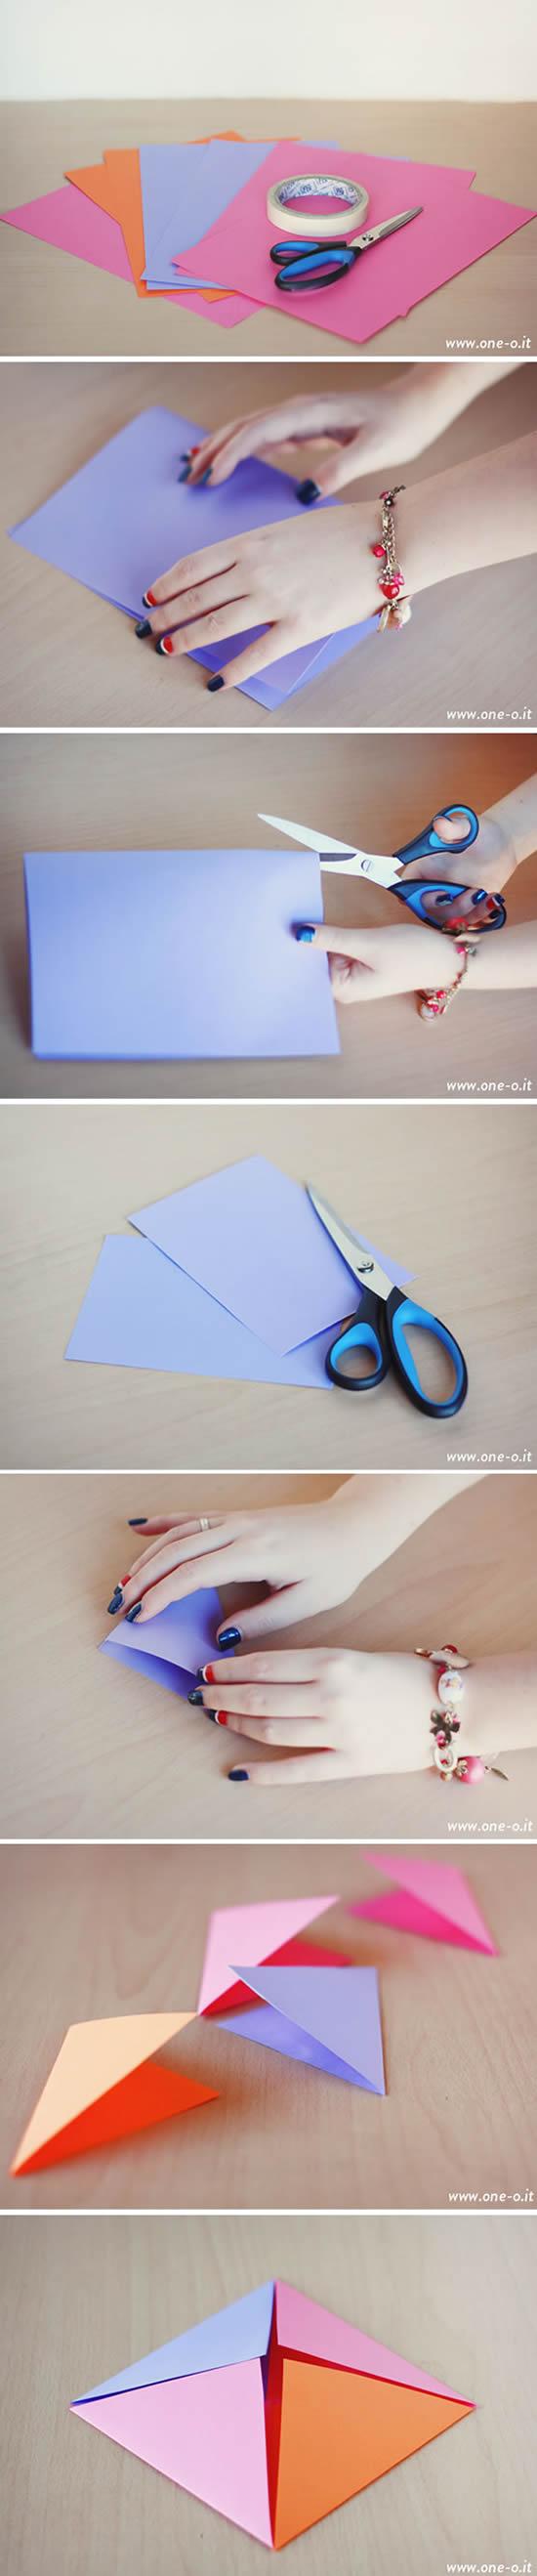 Decoração com papel para festa